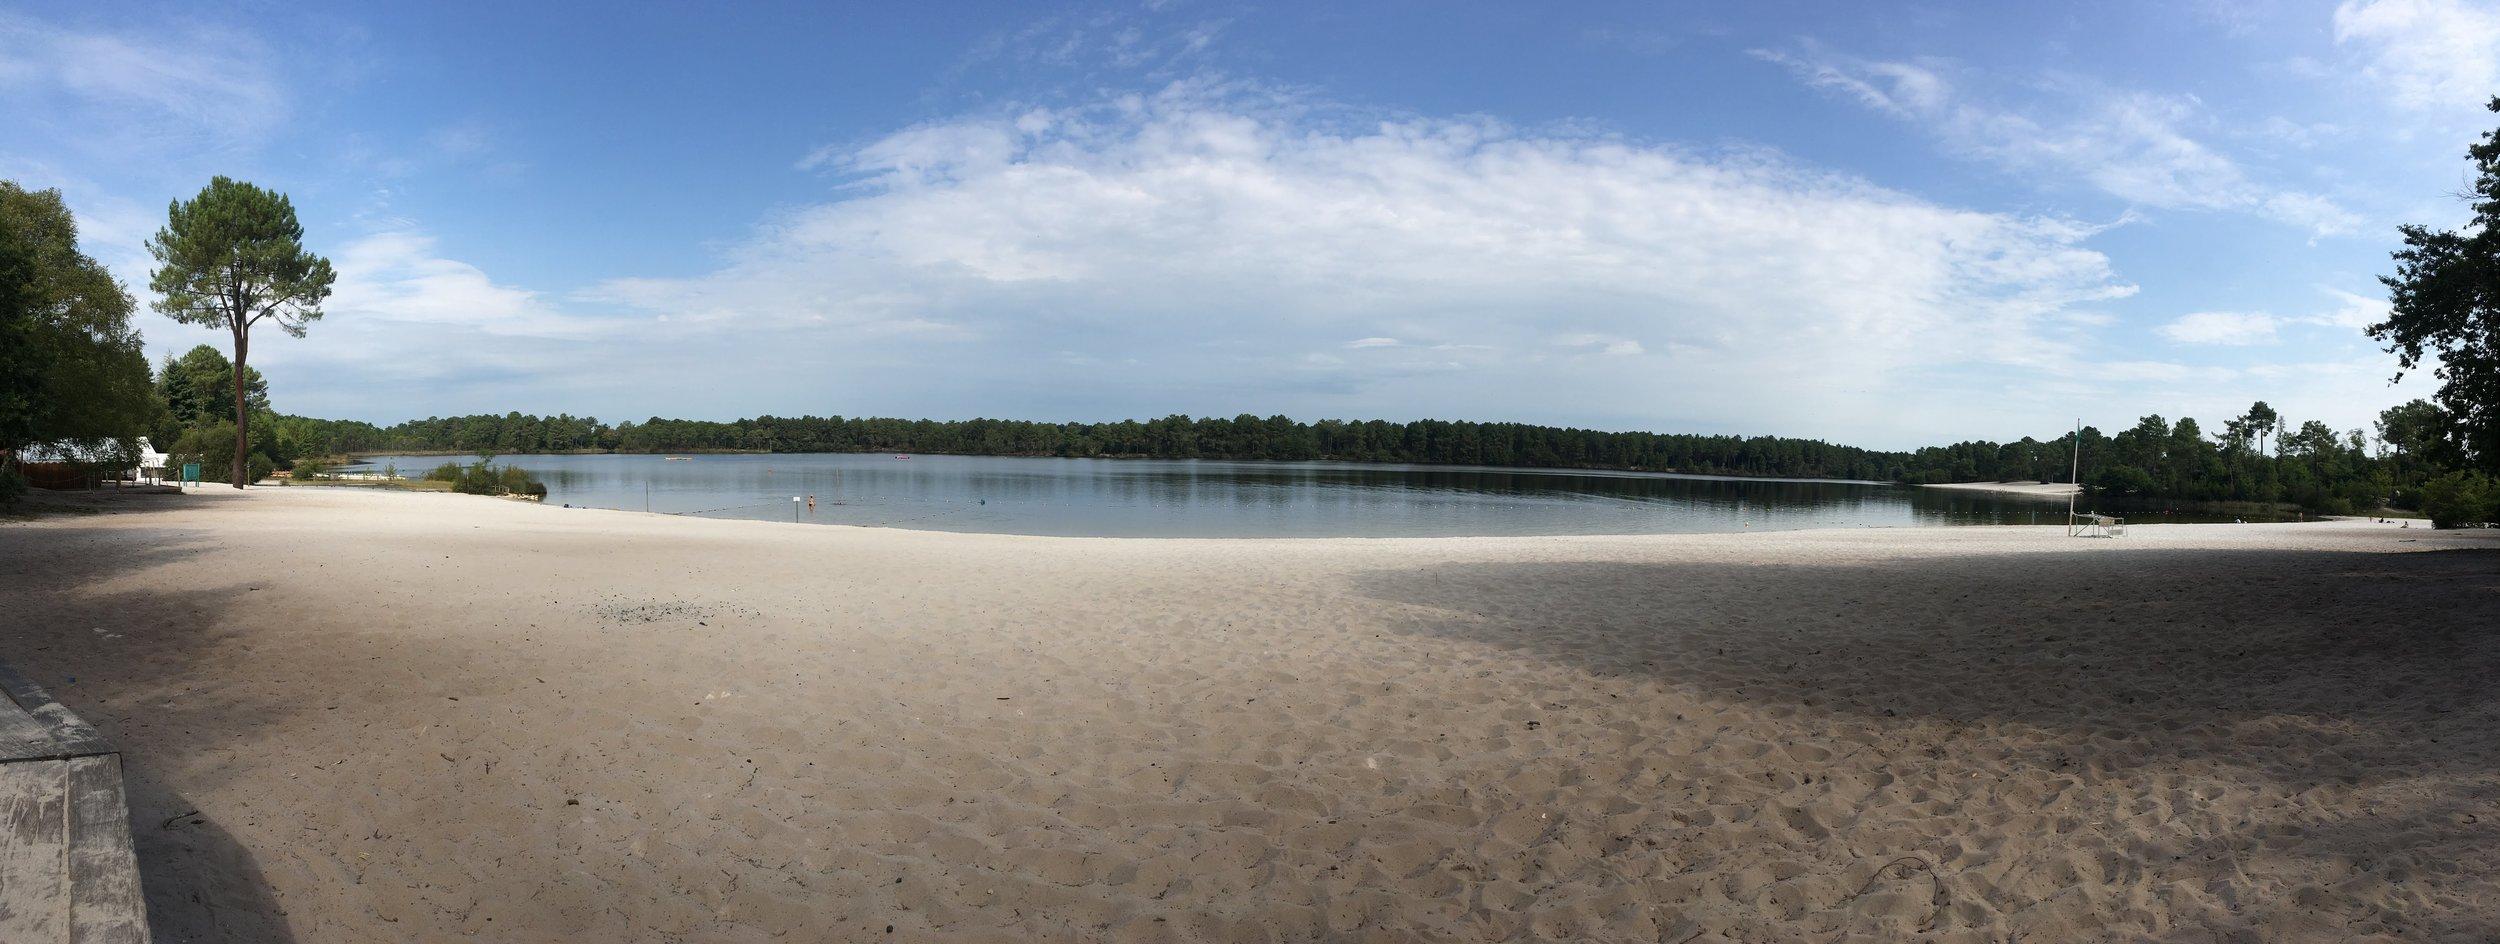 Hostens lake